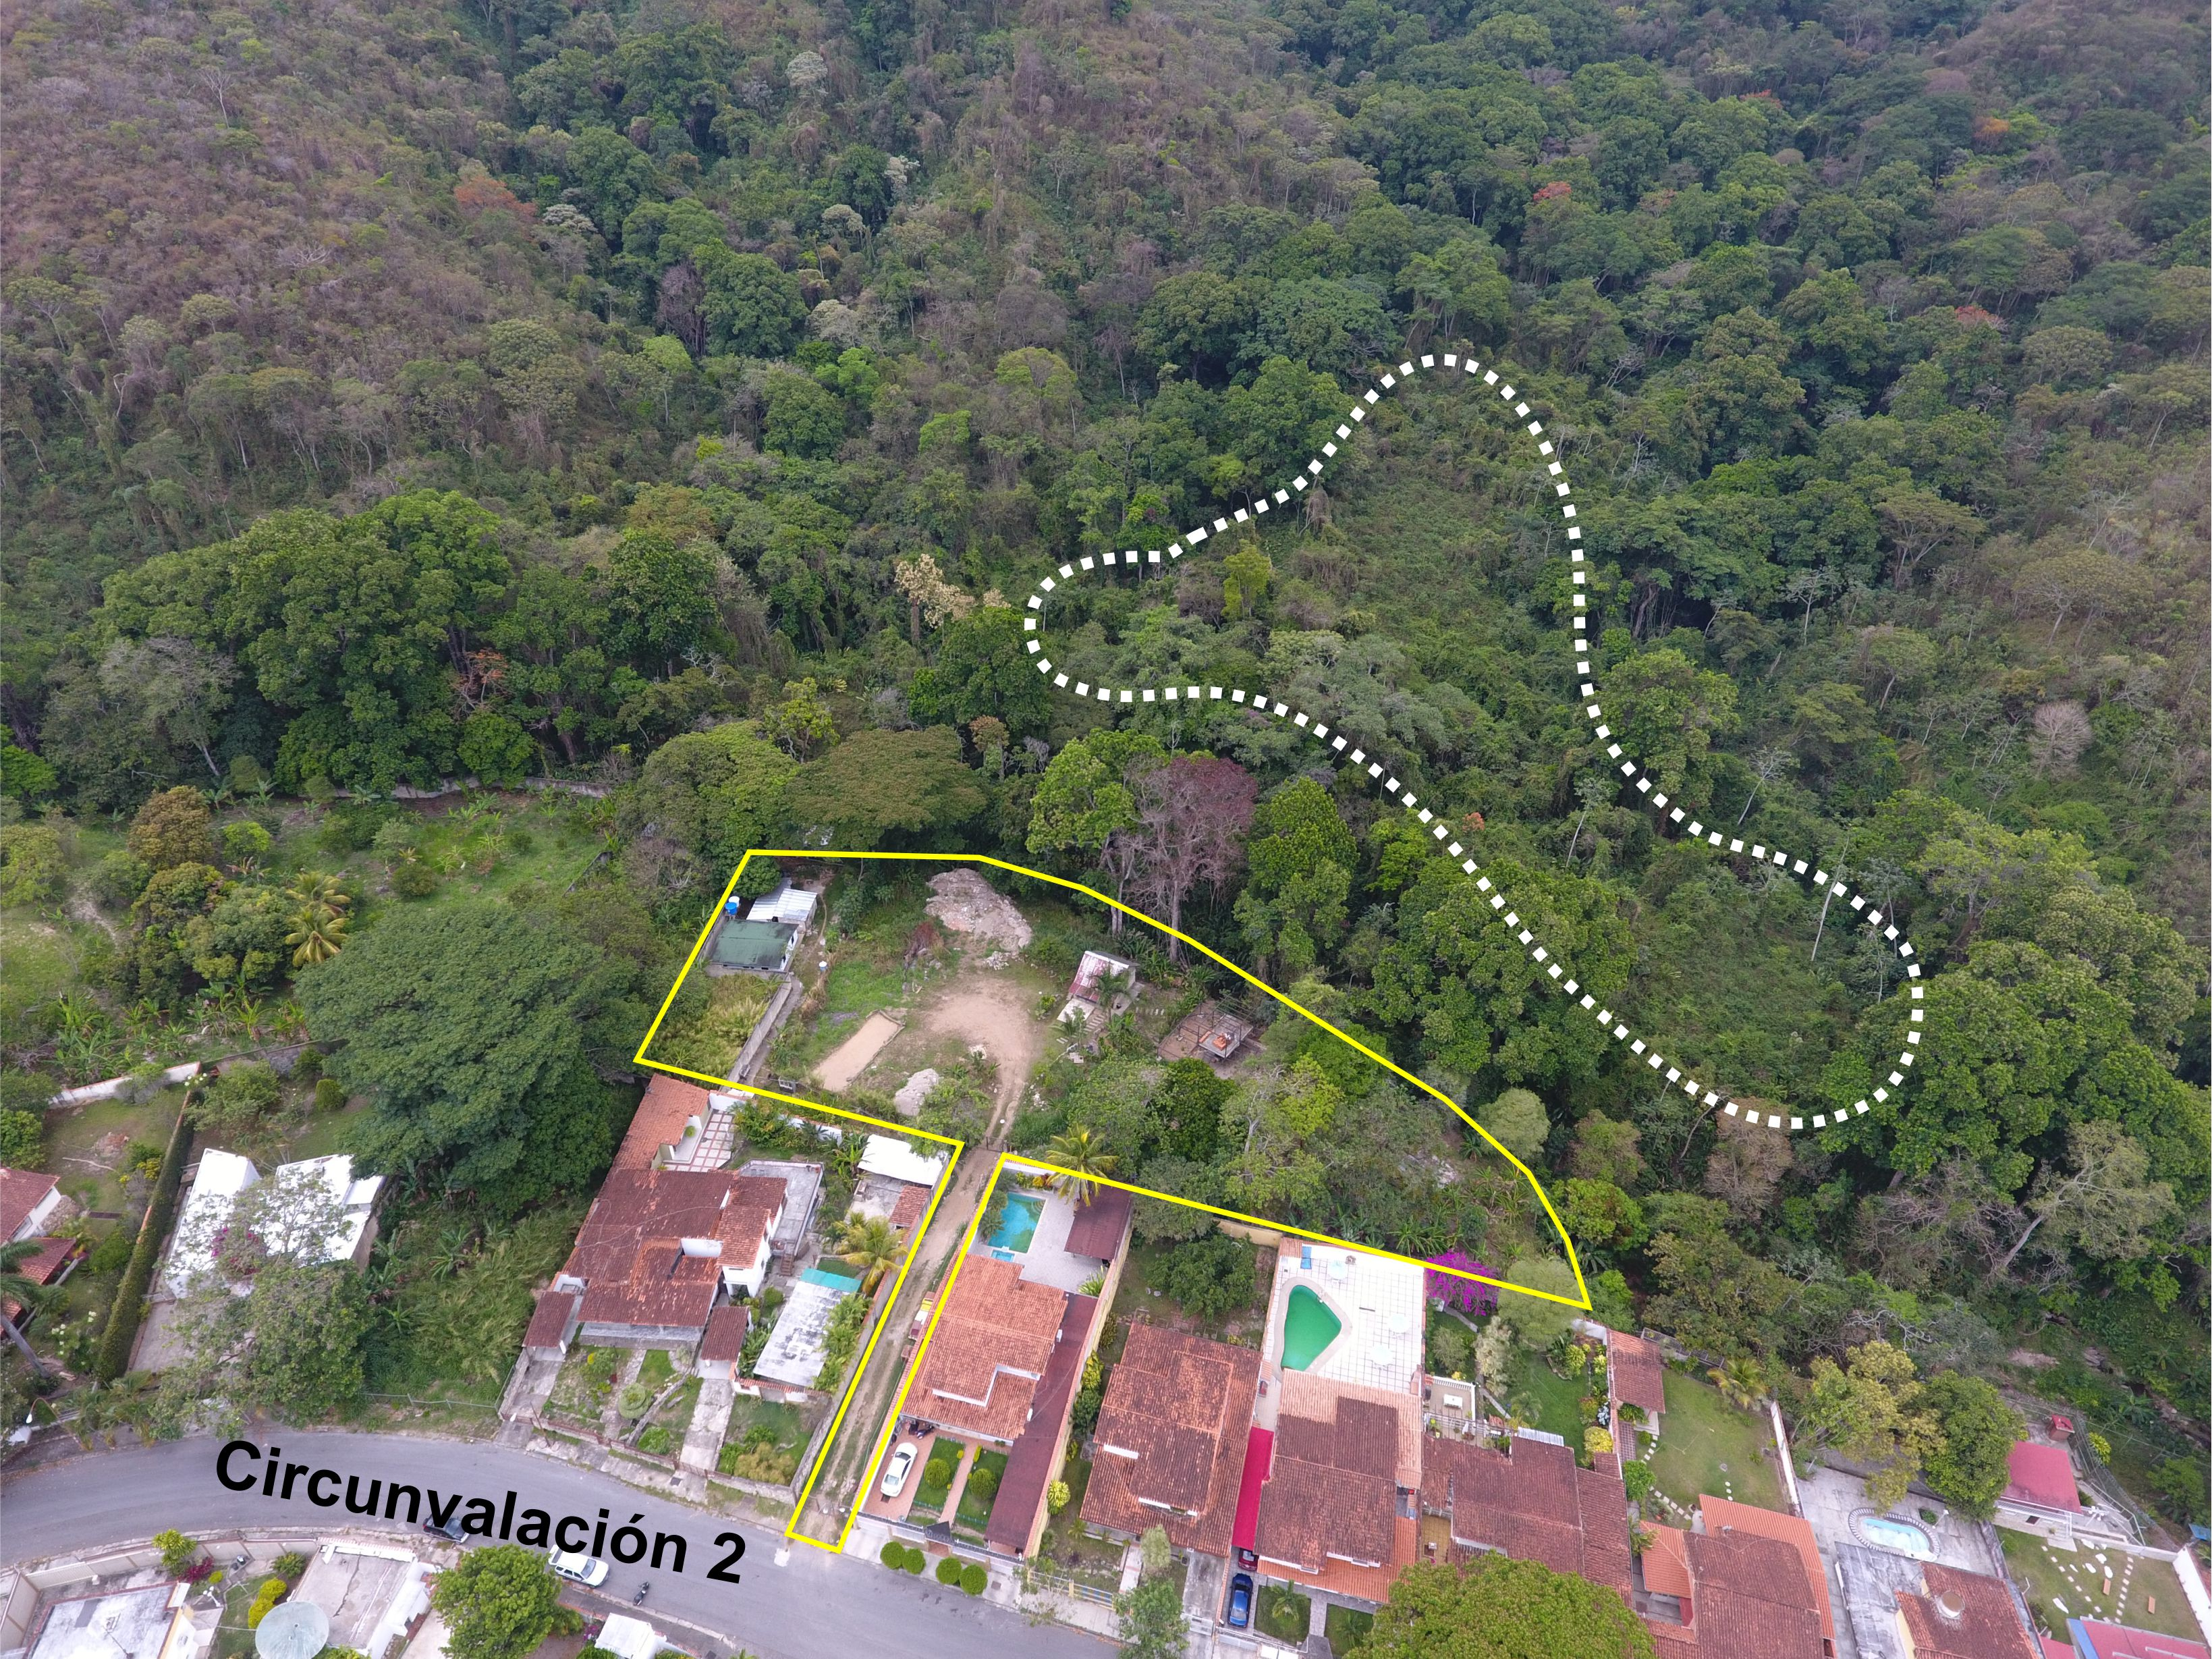 Vecinos sospechan de futuros planes de deforestación